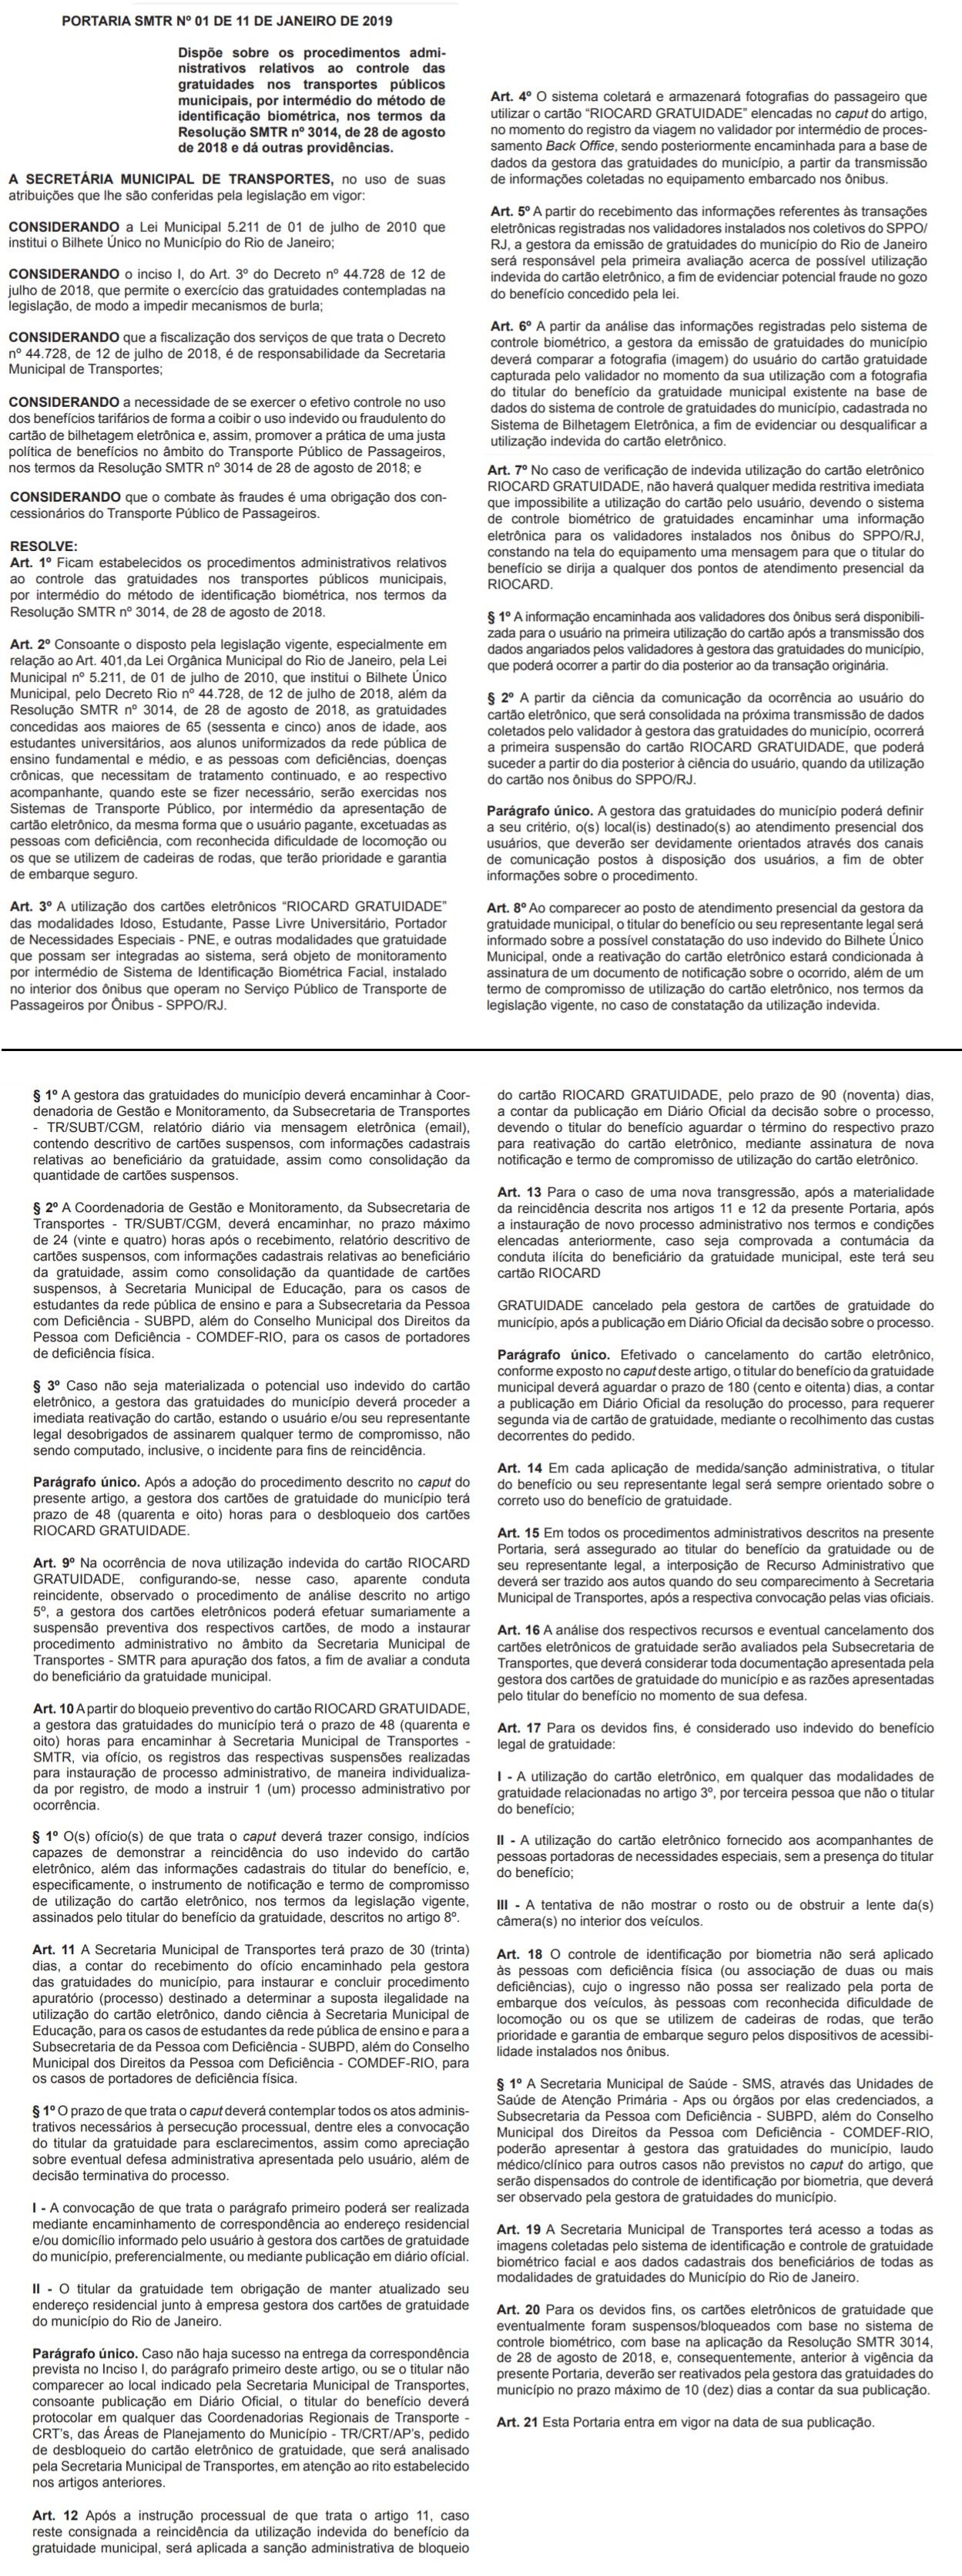 portaria_biometria_crivella